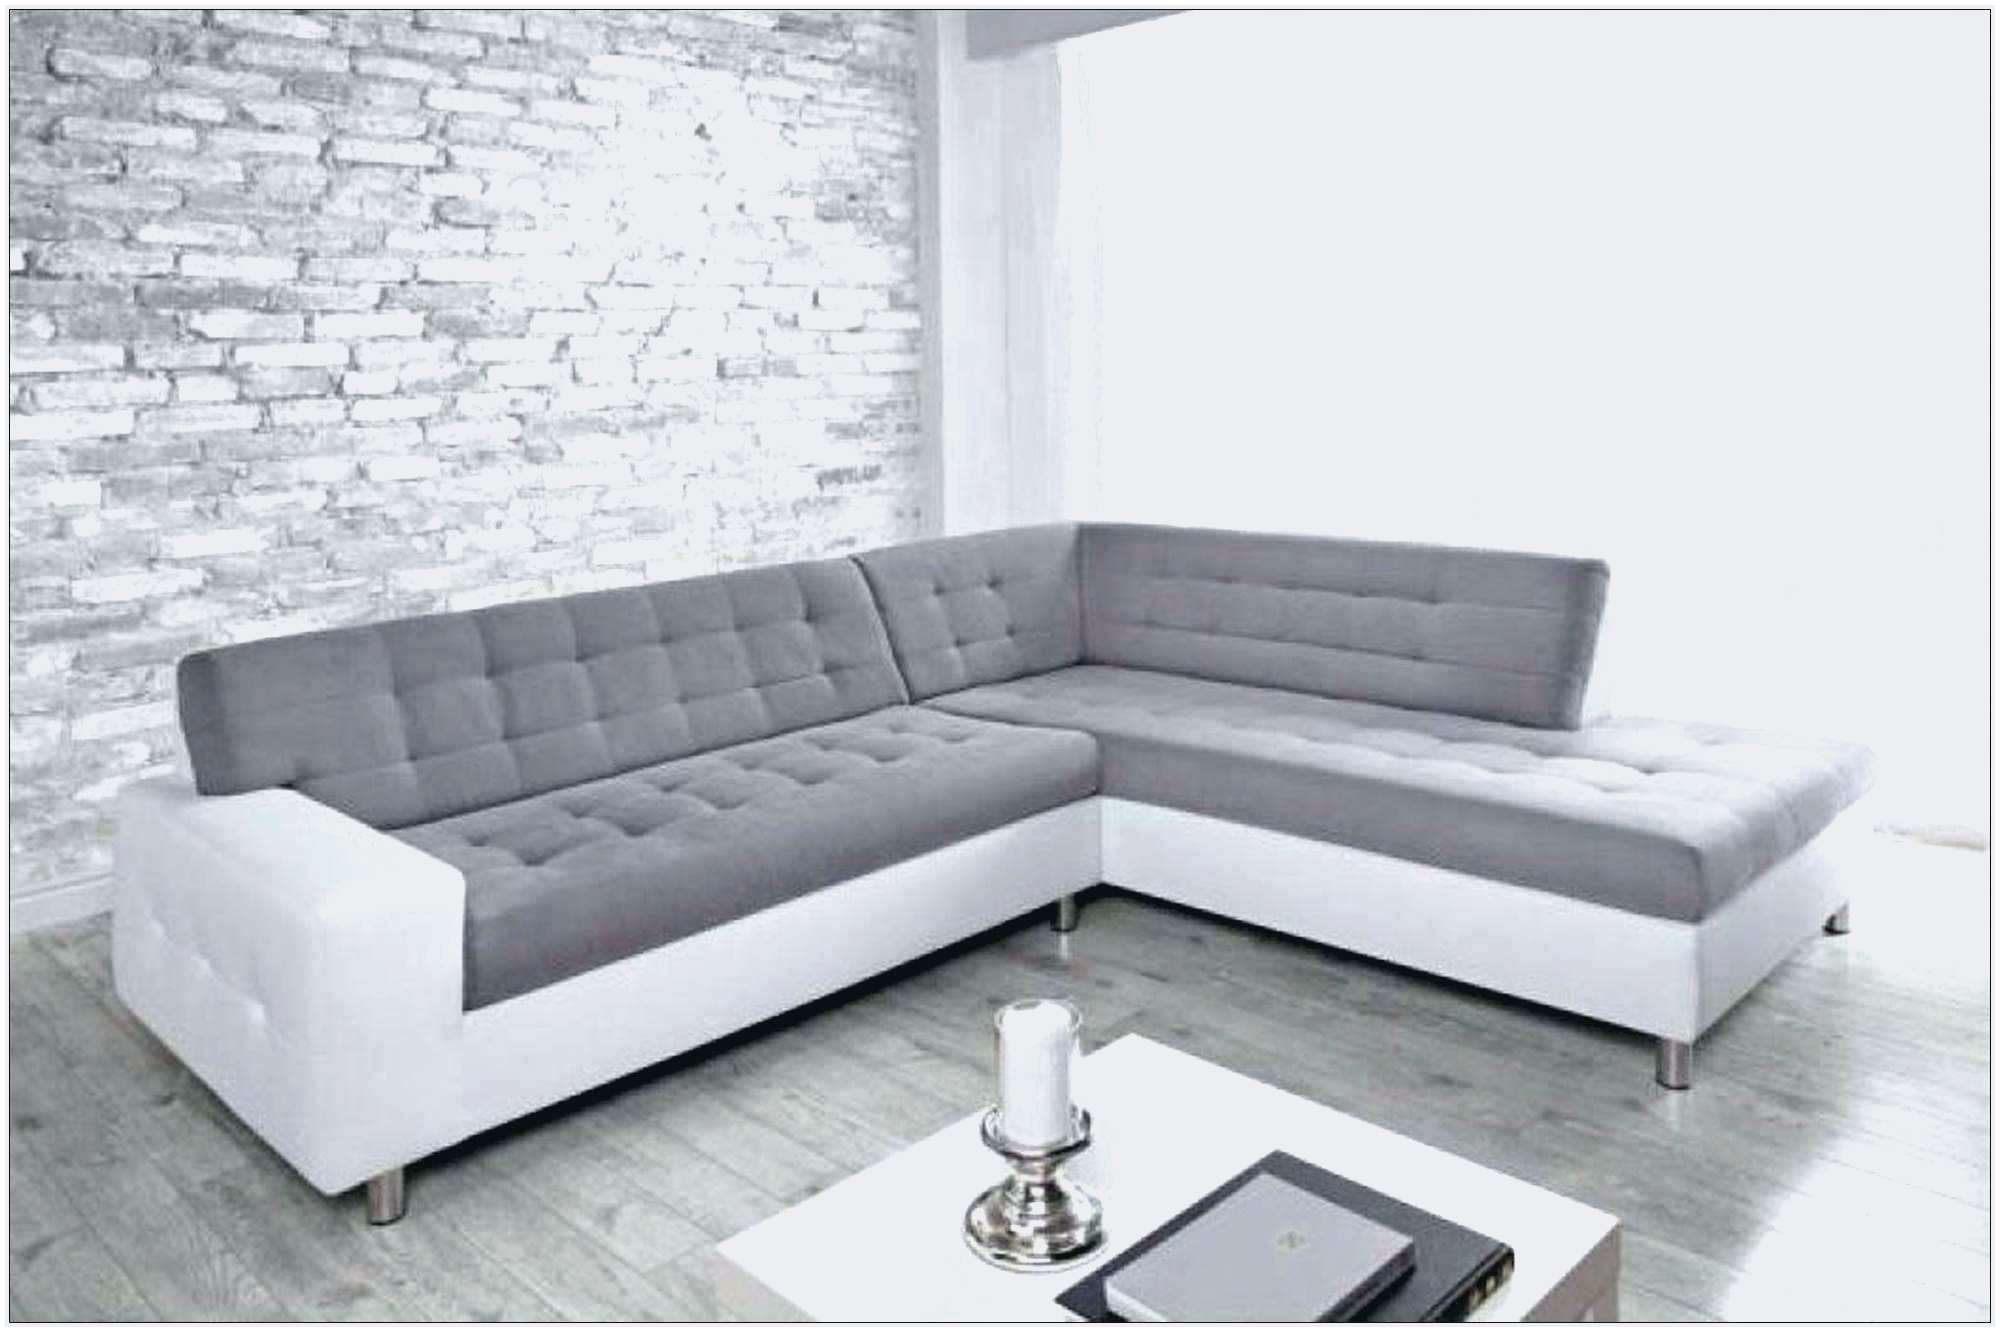 Canapé Lit 3 Places Élégant Inspiré Ikea Canapé D Angle Convertible Beau Image Lit 2 Places 25